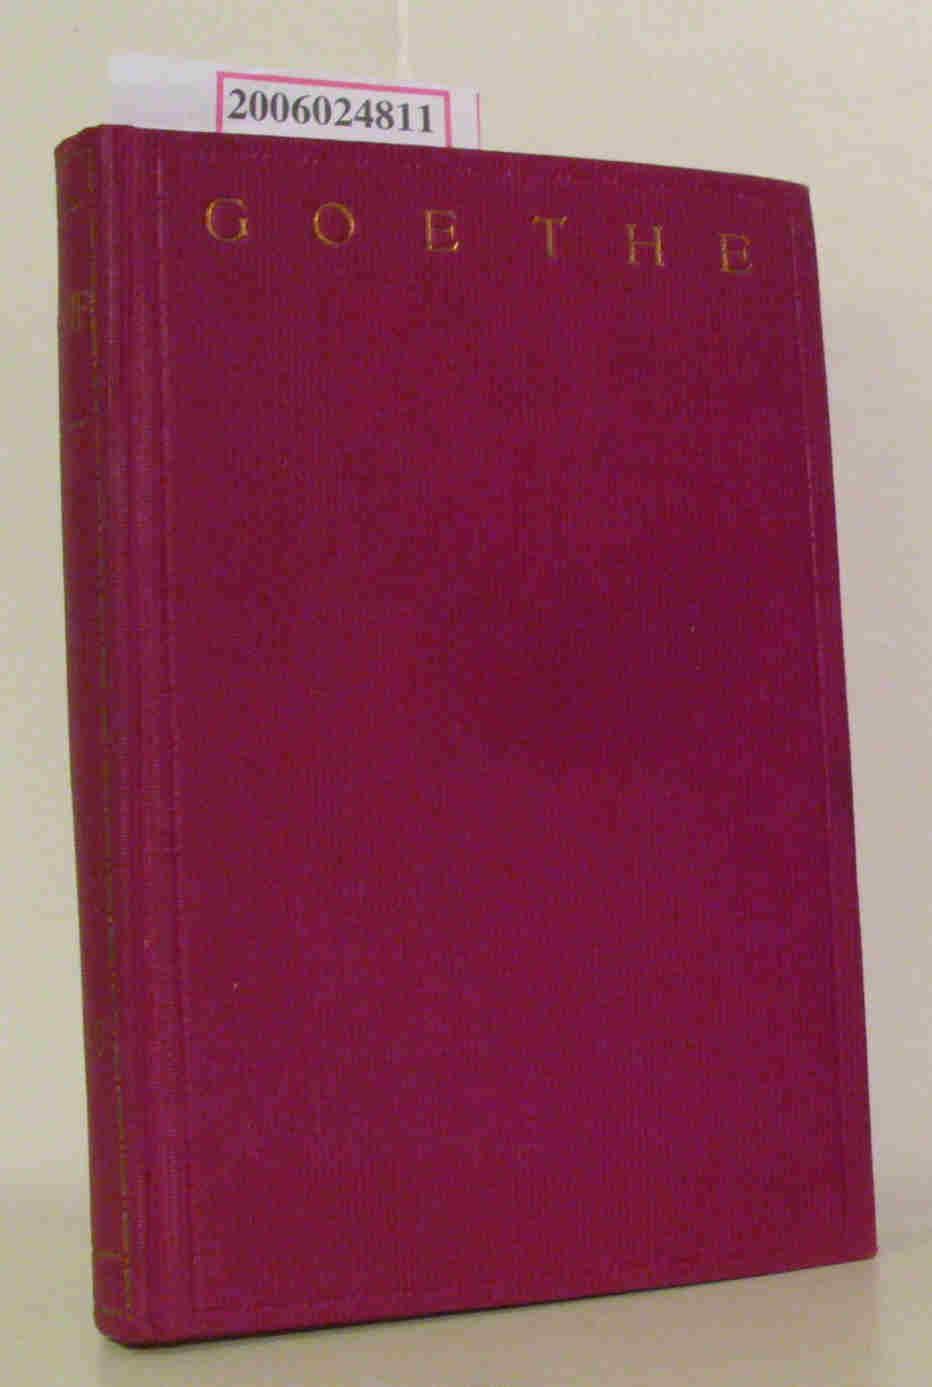 Goethes sämtliche Werke in fünfundvierzig Bänden 41. - 45. Band